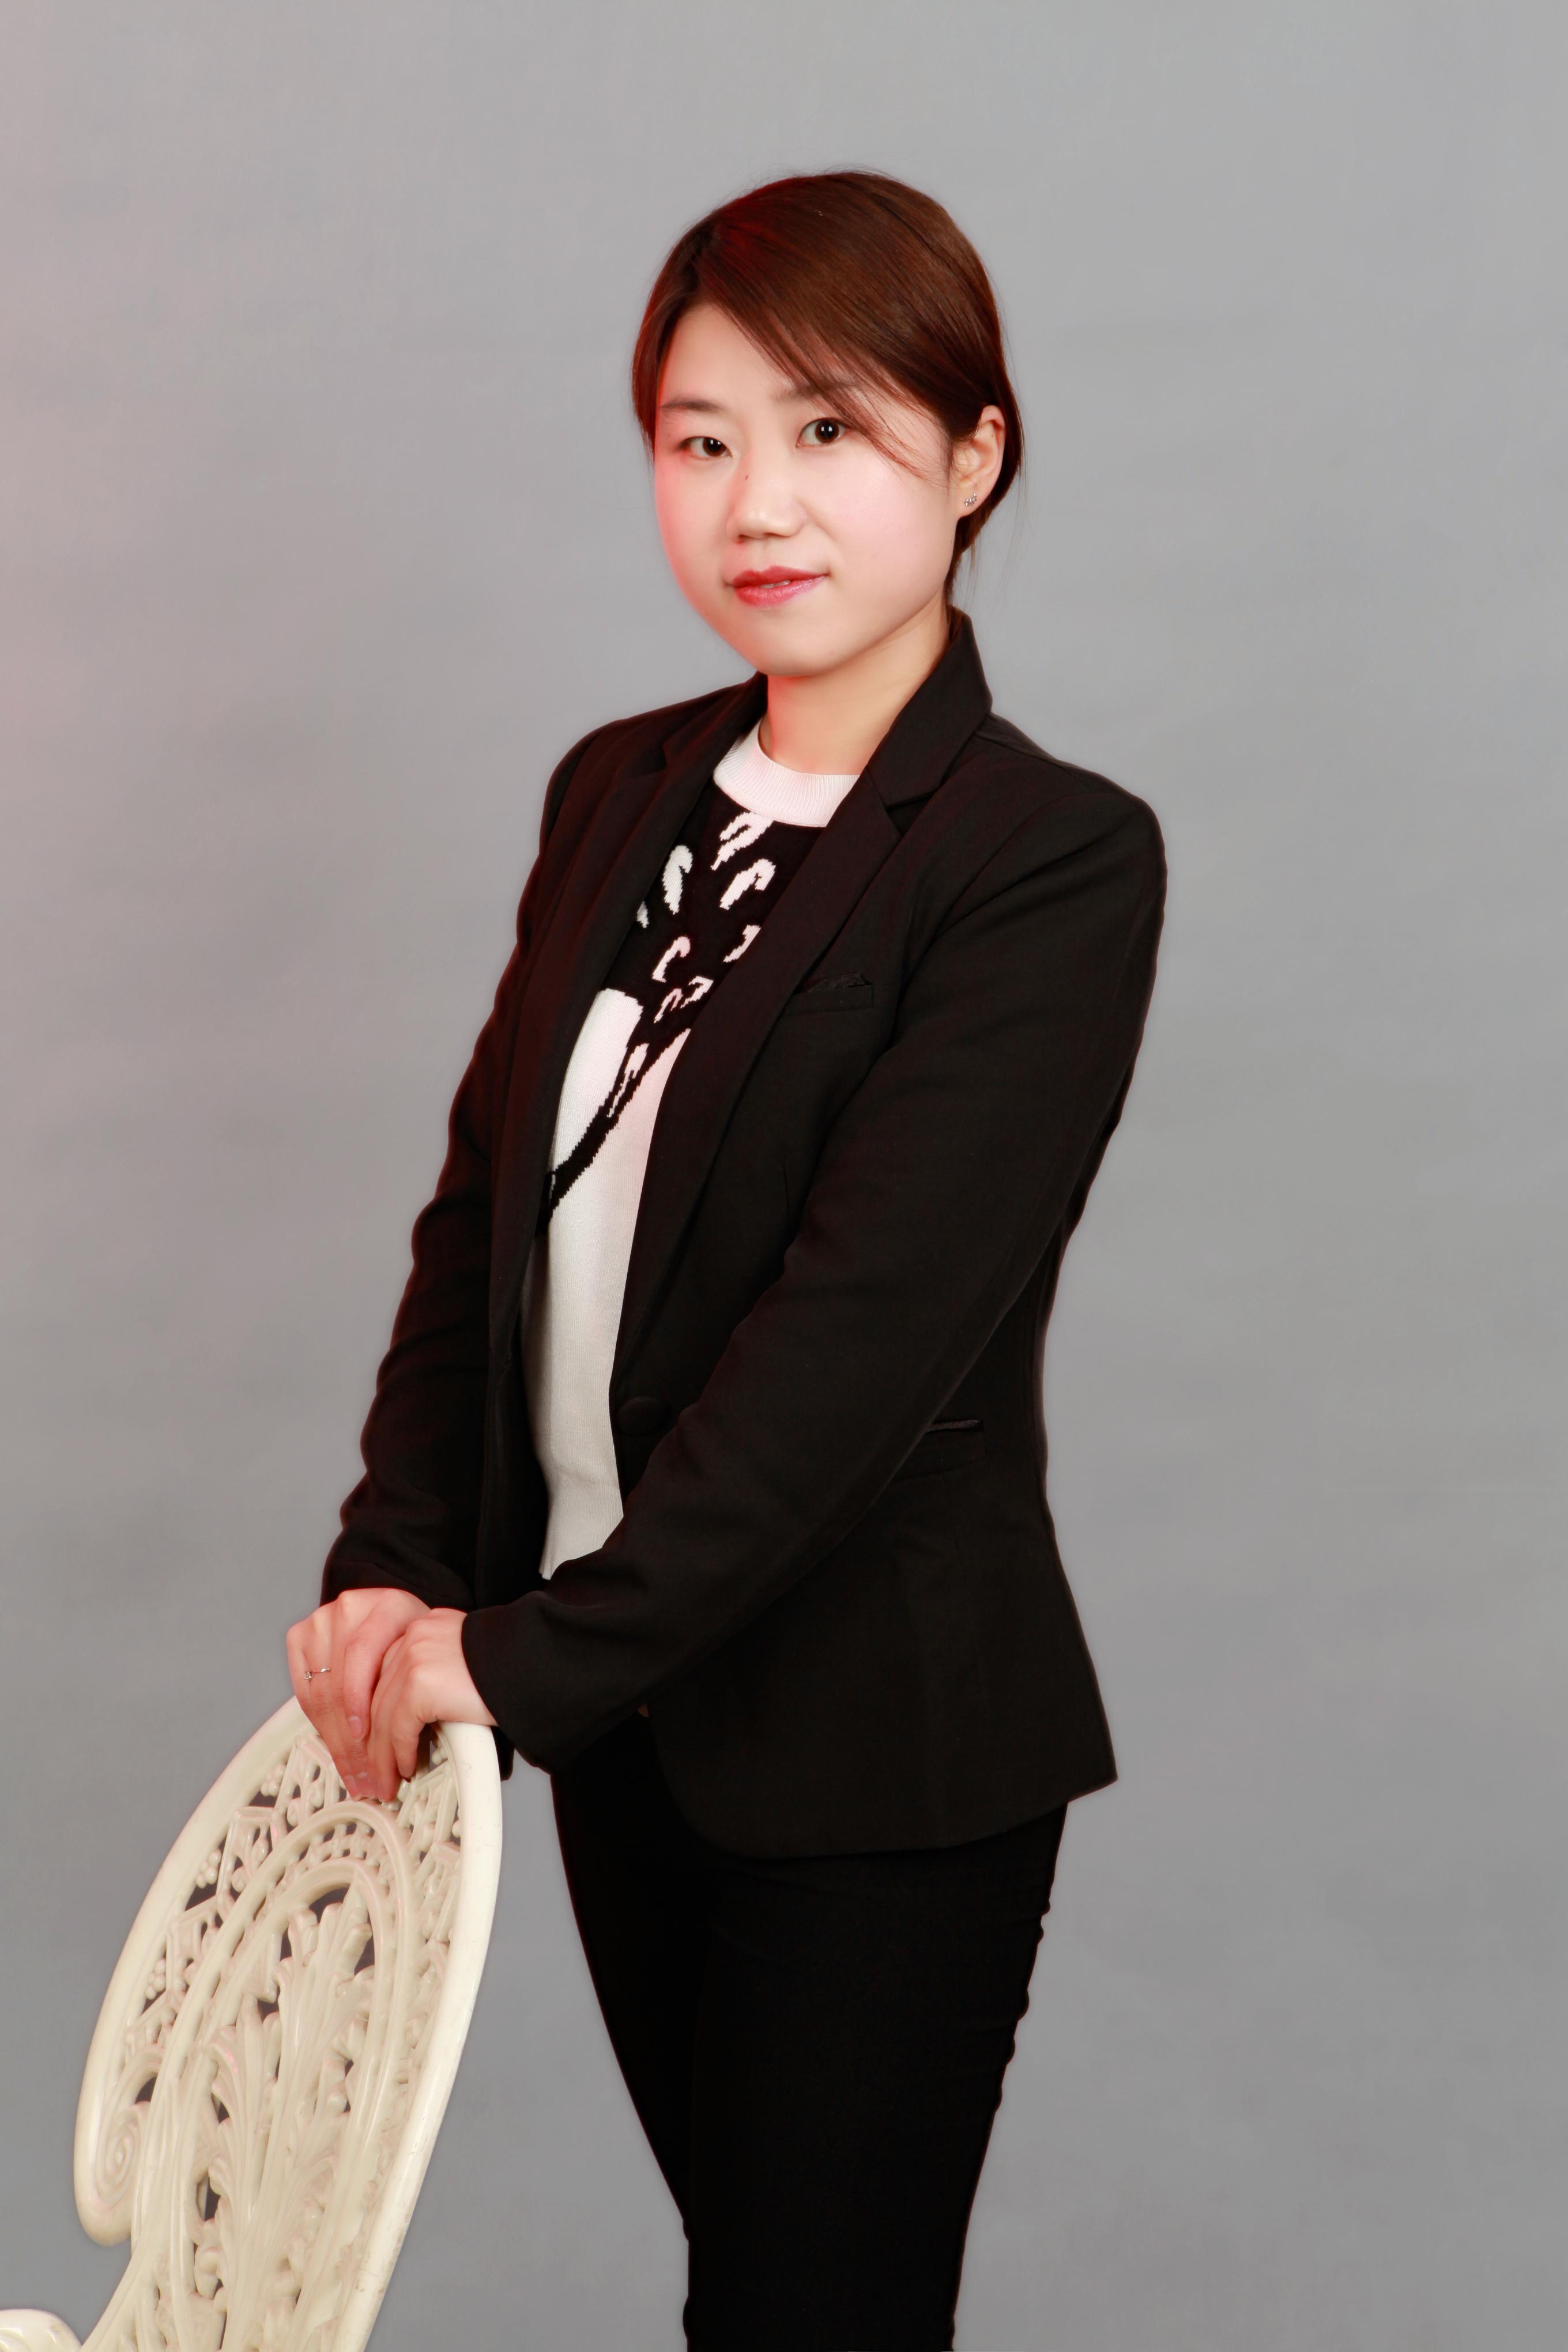 初中老师-初中数学老师_田萌萌